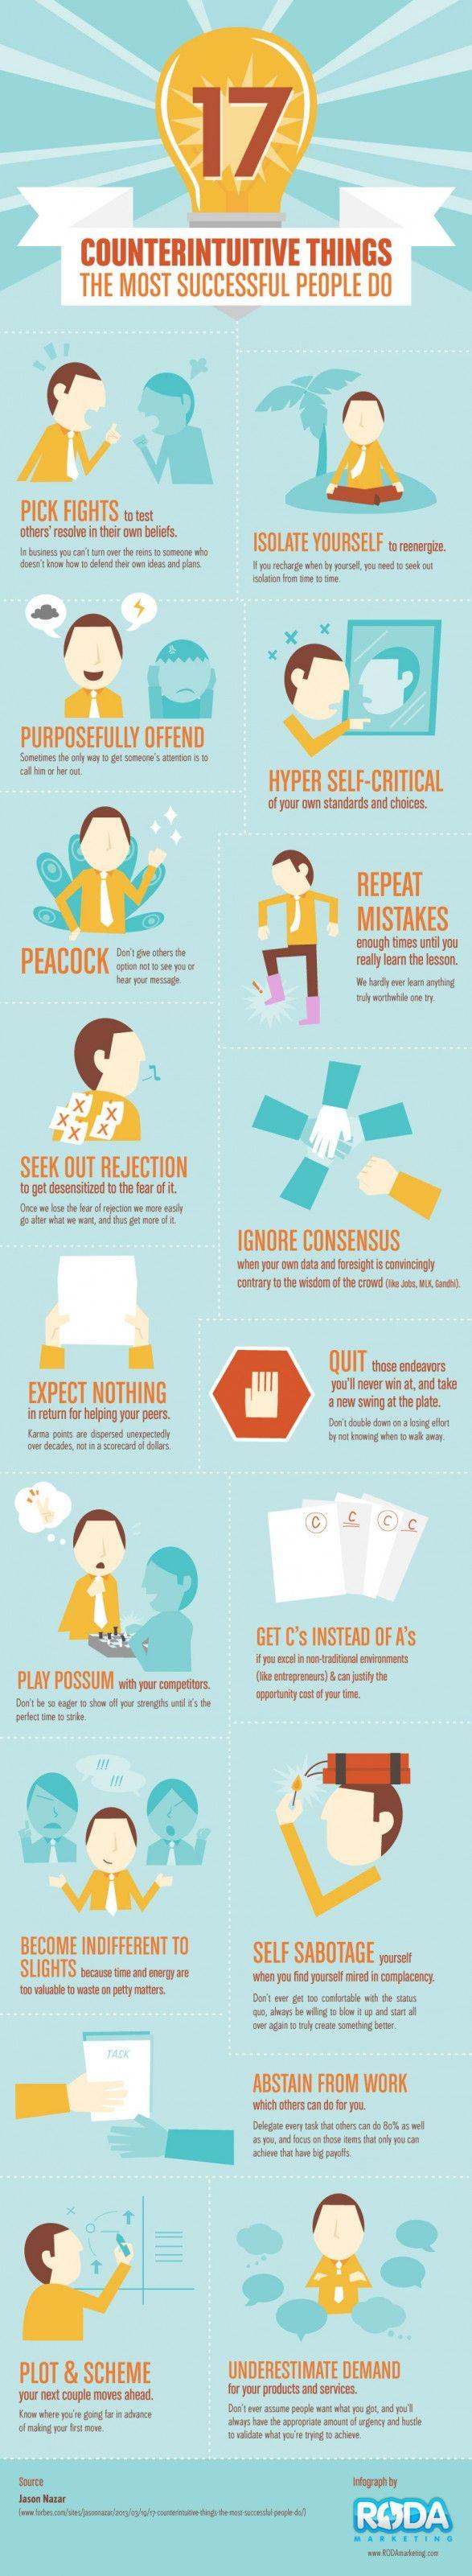 Verrückte Verhaltensweisen erfolgreicher Unternehmer - spannende Infografik zu Eigenschaften von Entrepreneurs